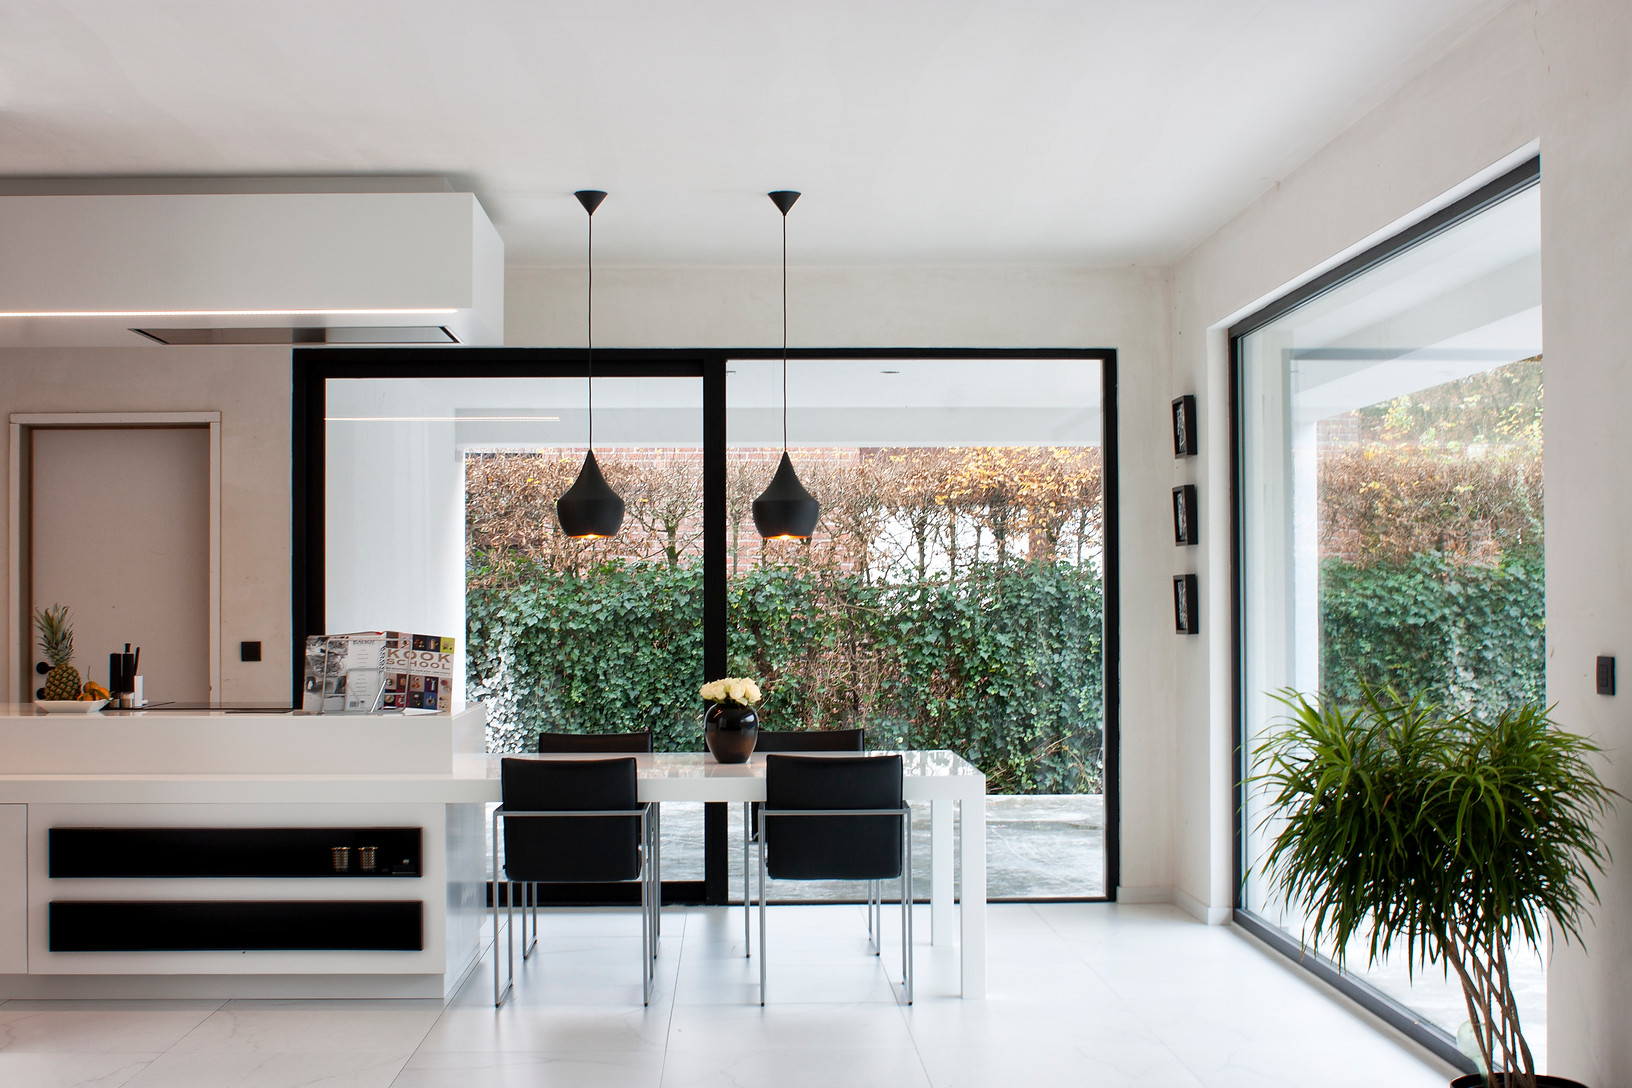 Overbelicht raam in interieurfotografie for Frako keukens